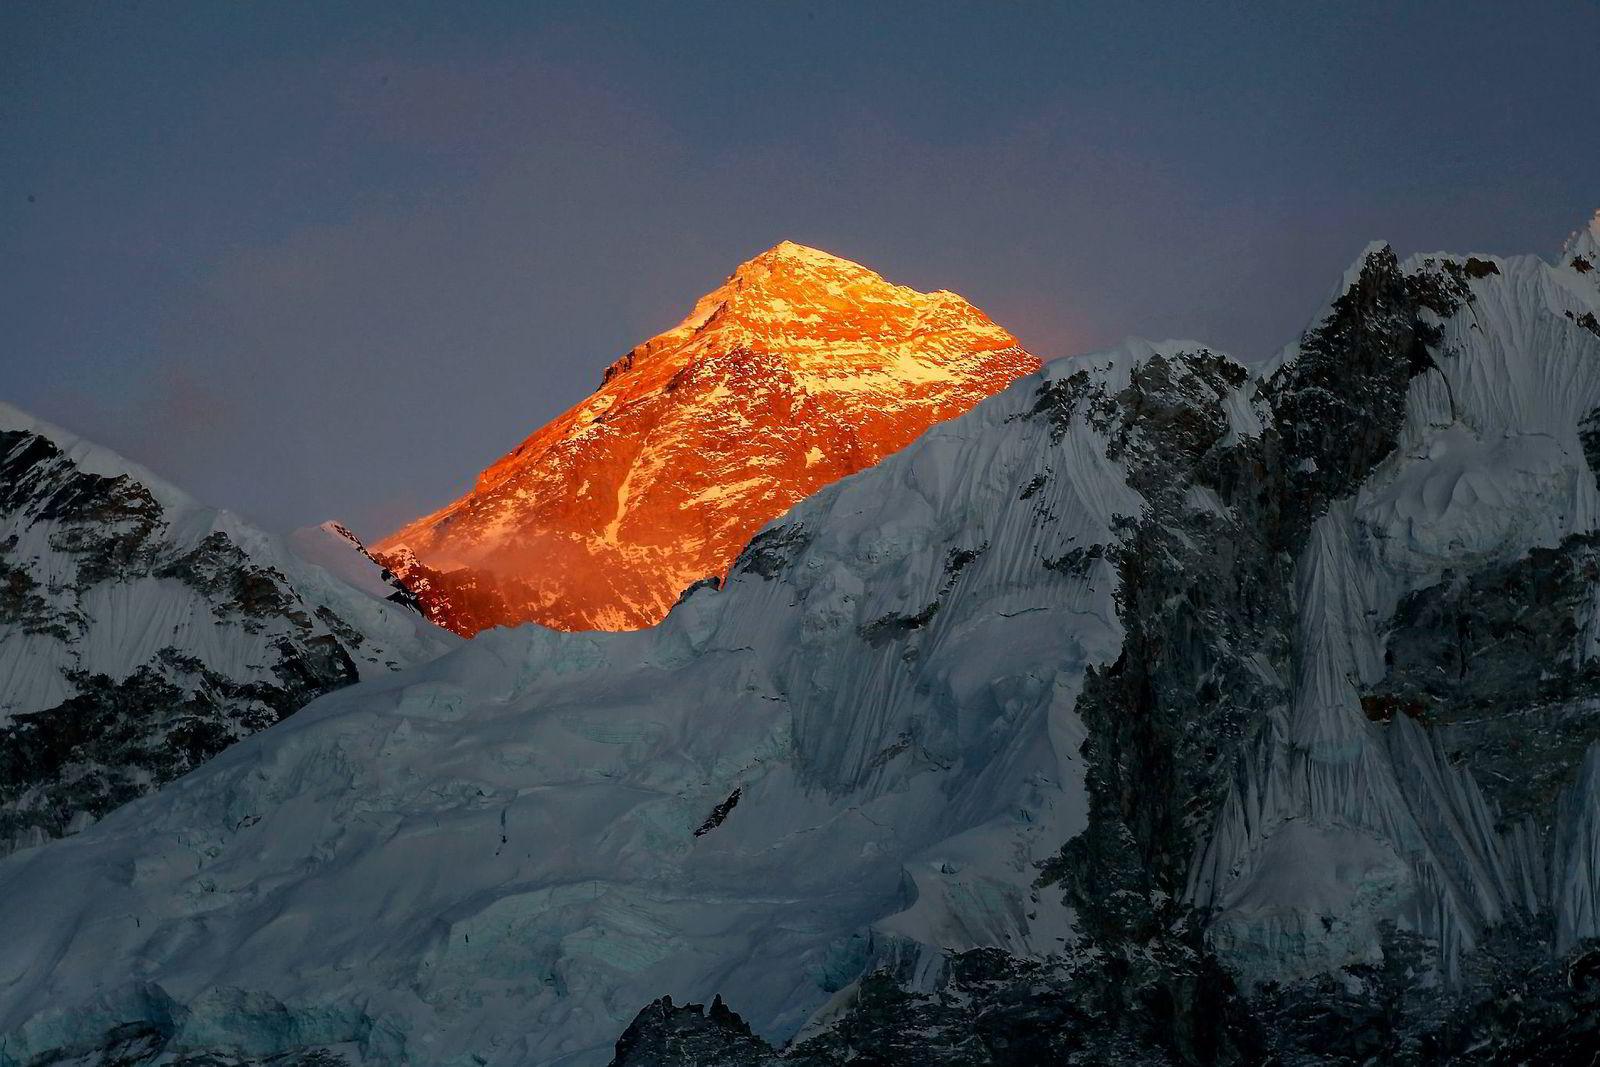 Mount Everest har opplevd en eksplosjon i kommersielle turer både til toppen og inn til basecampen. Også lederutviklingsprogram benytter seg av Himalaya og området rundt høye fjell. Foto: Tashi Sherpa/AP/NTB Scanpix